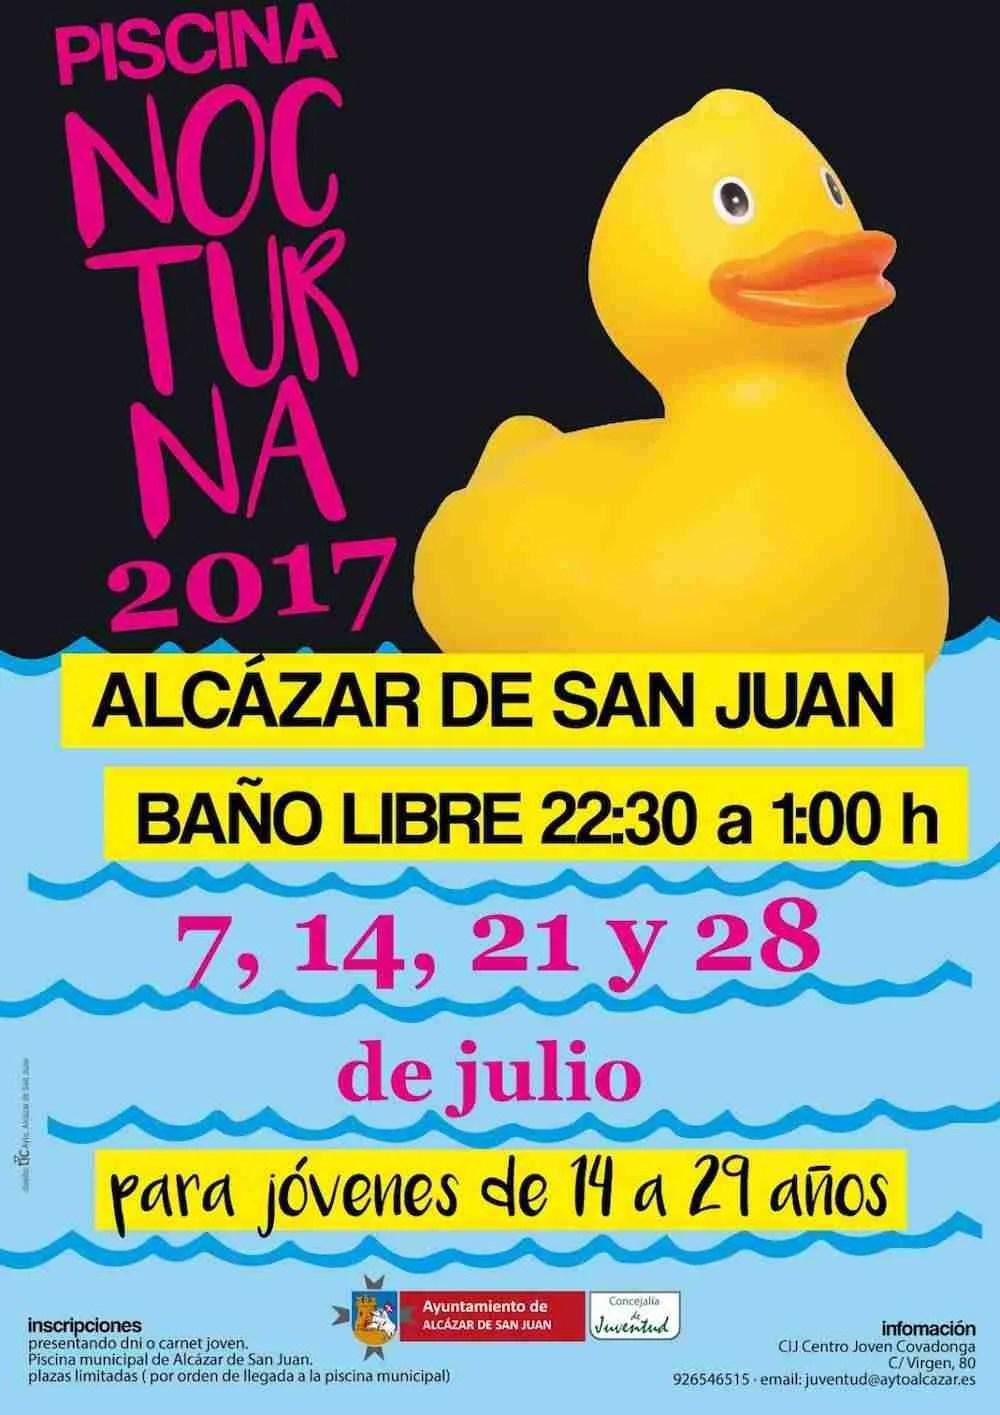 Piscina Nocturna 2017 con bao libre y actividades